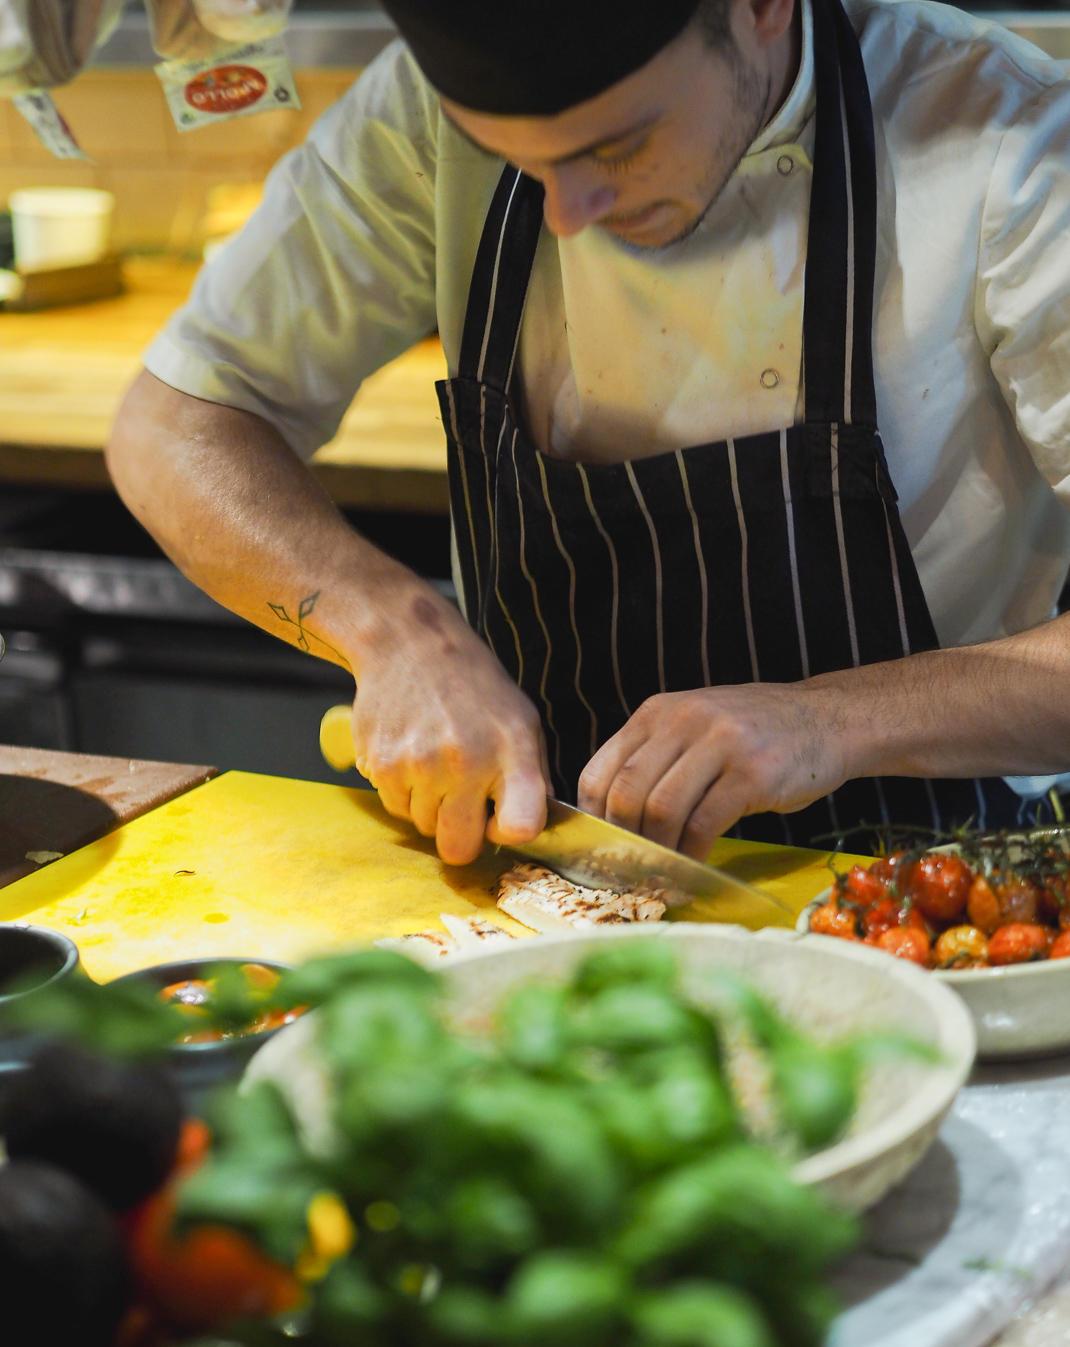 chef slicing chicken breast